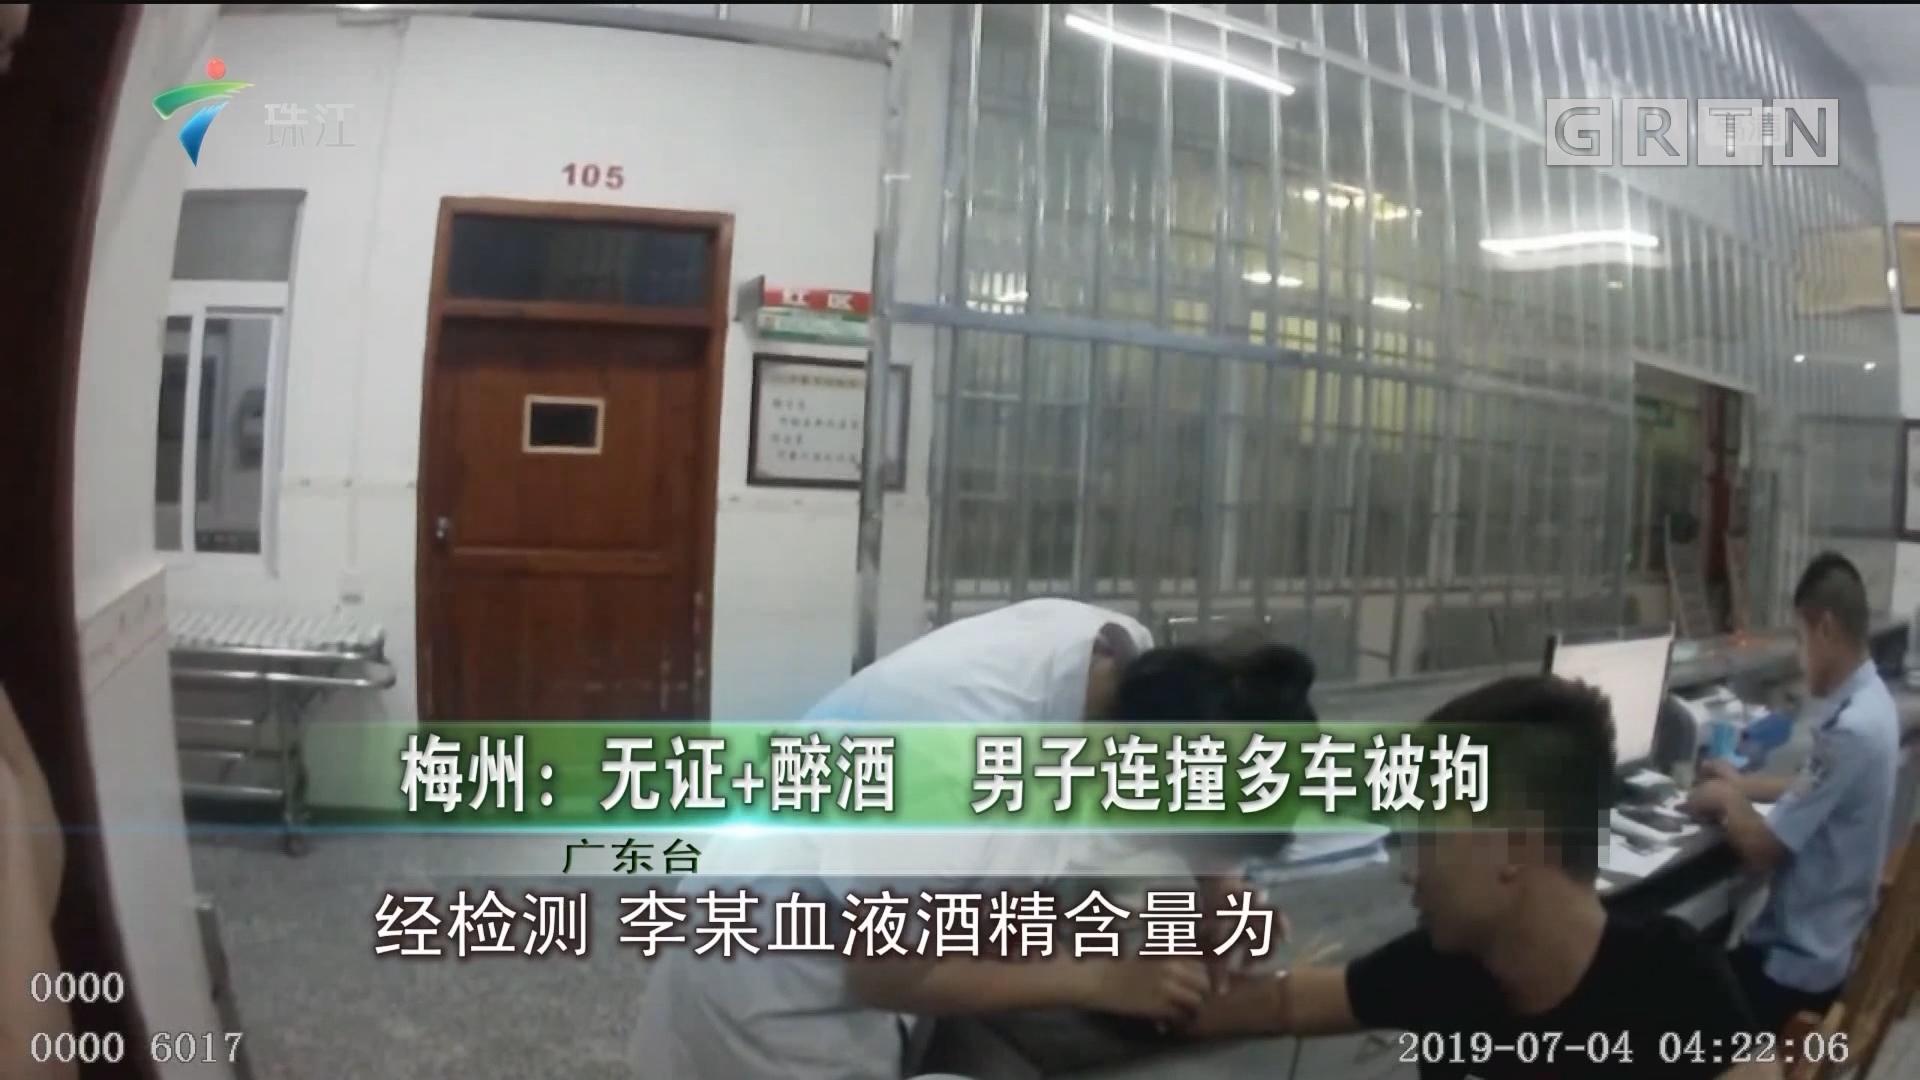 梅州:无证+醉酒 男子连撞多车被拘